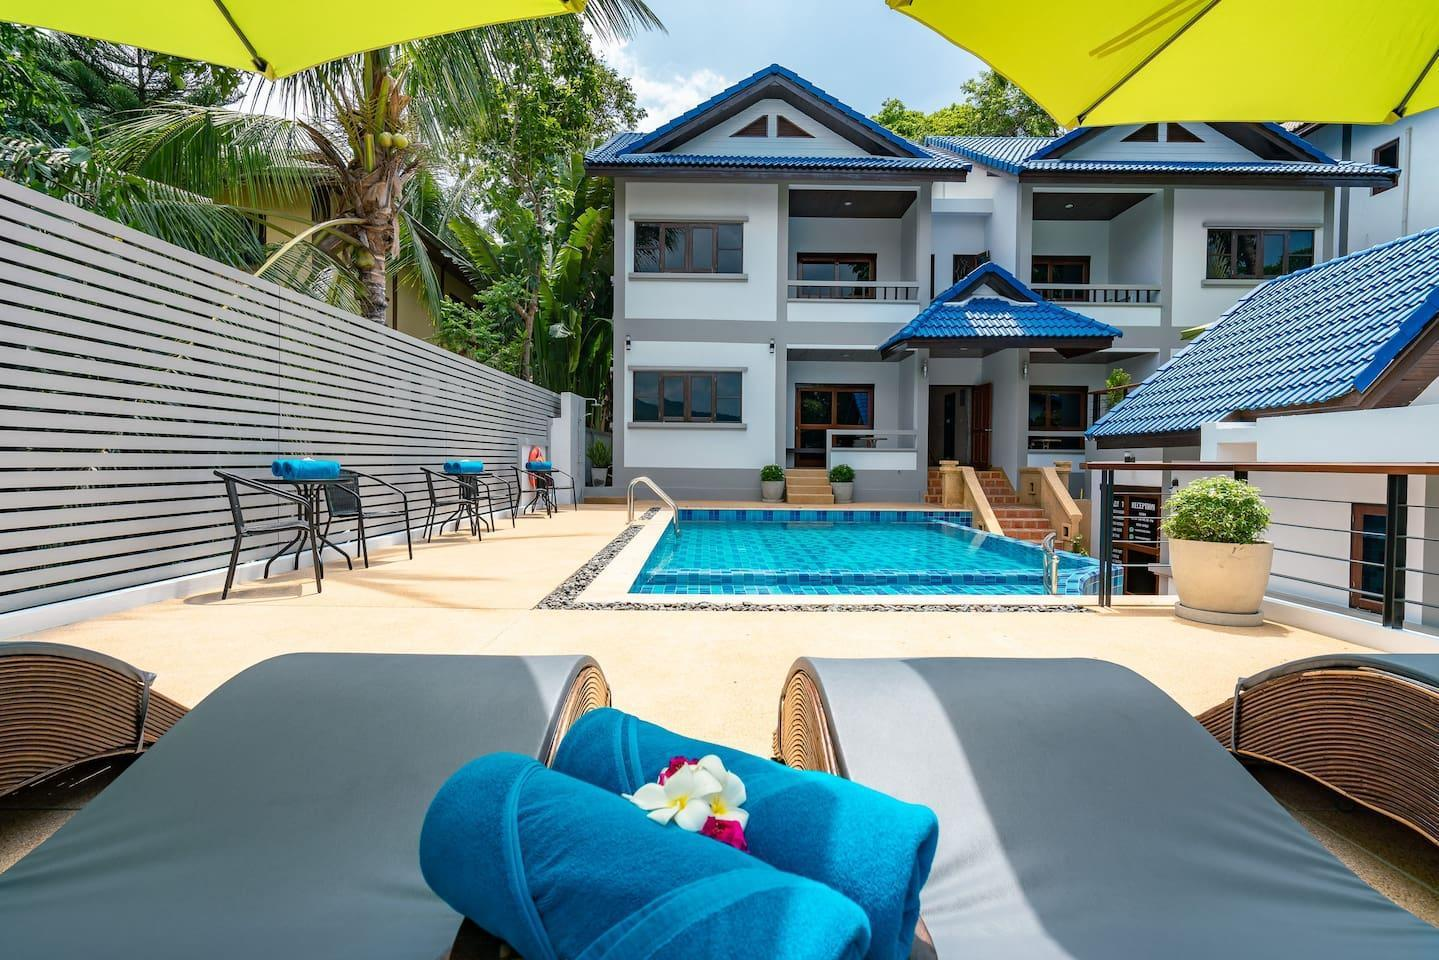 Poolside 2 Bed/2 Bath House in Center, Terrace บ้านเดี่ยว 2 ห้องนอน 2 ห้องน้ำส่วนตัว ขนาด 80 ตร.ม. – หาดเฉวง